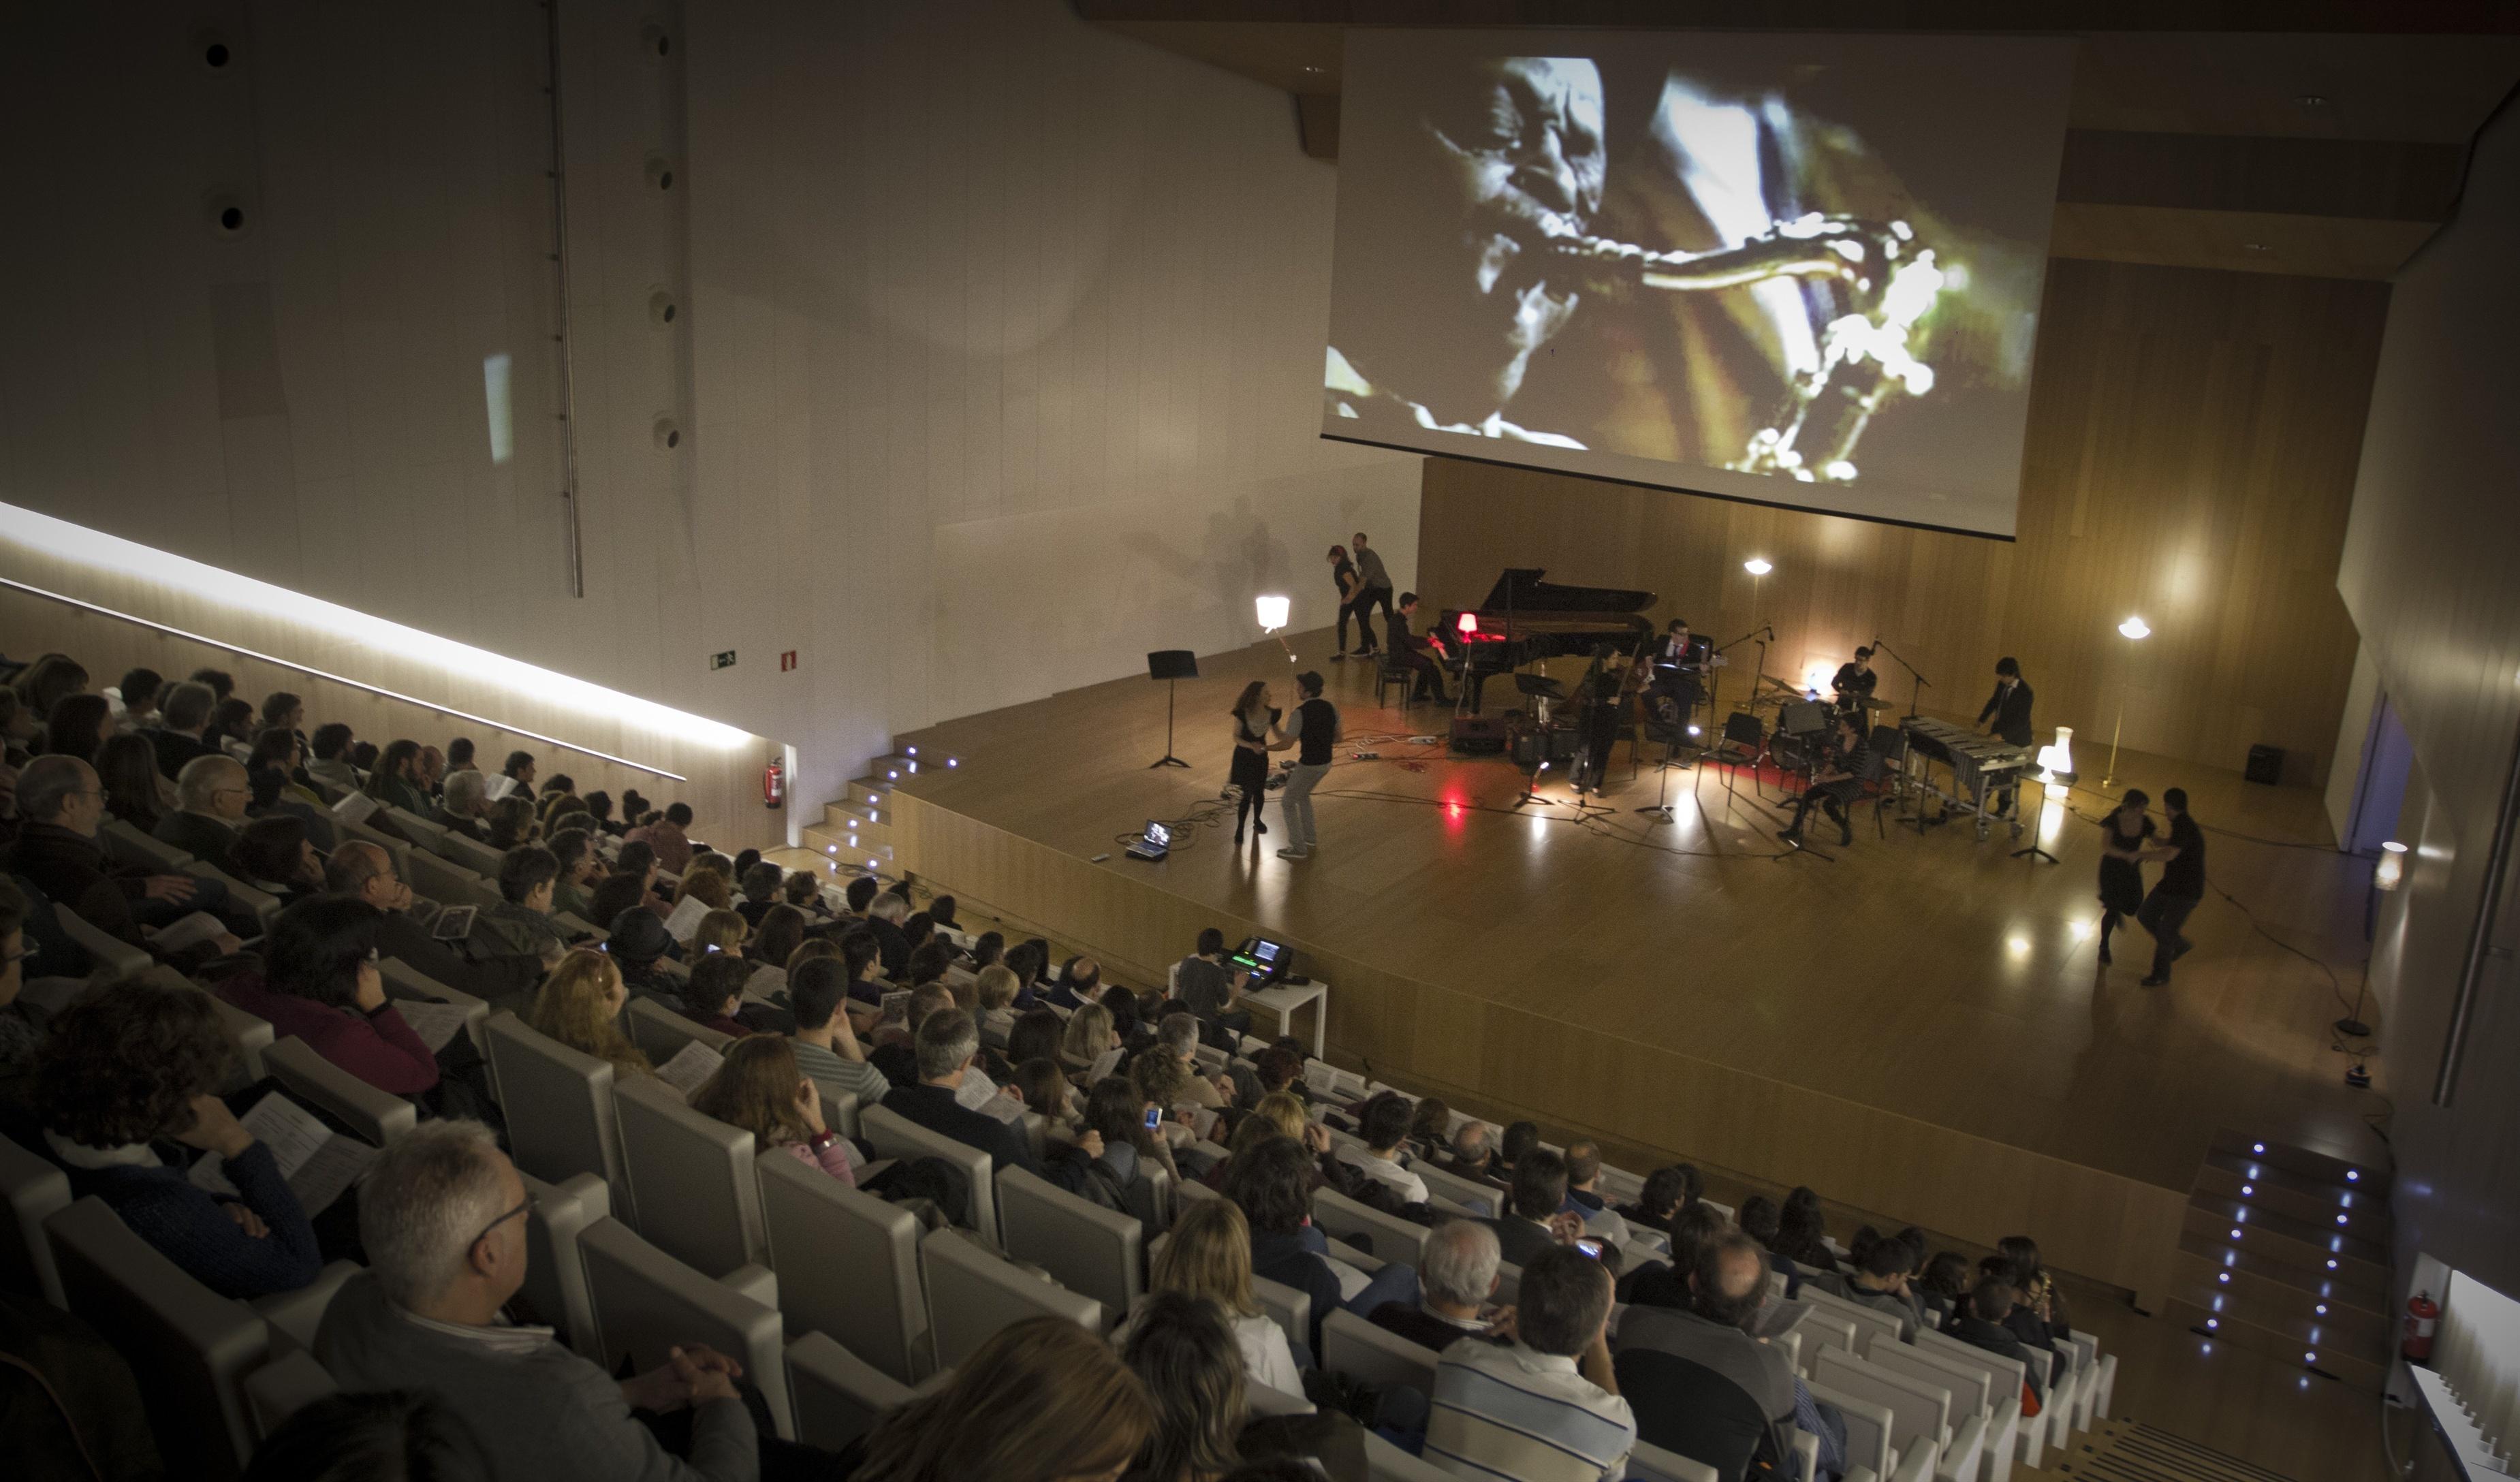 El alumnado del conservatorio Pablo Sarasate ofrecerá este viernes un concierto de jazz